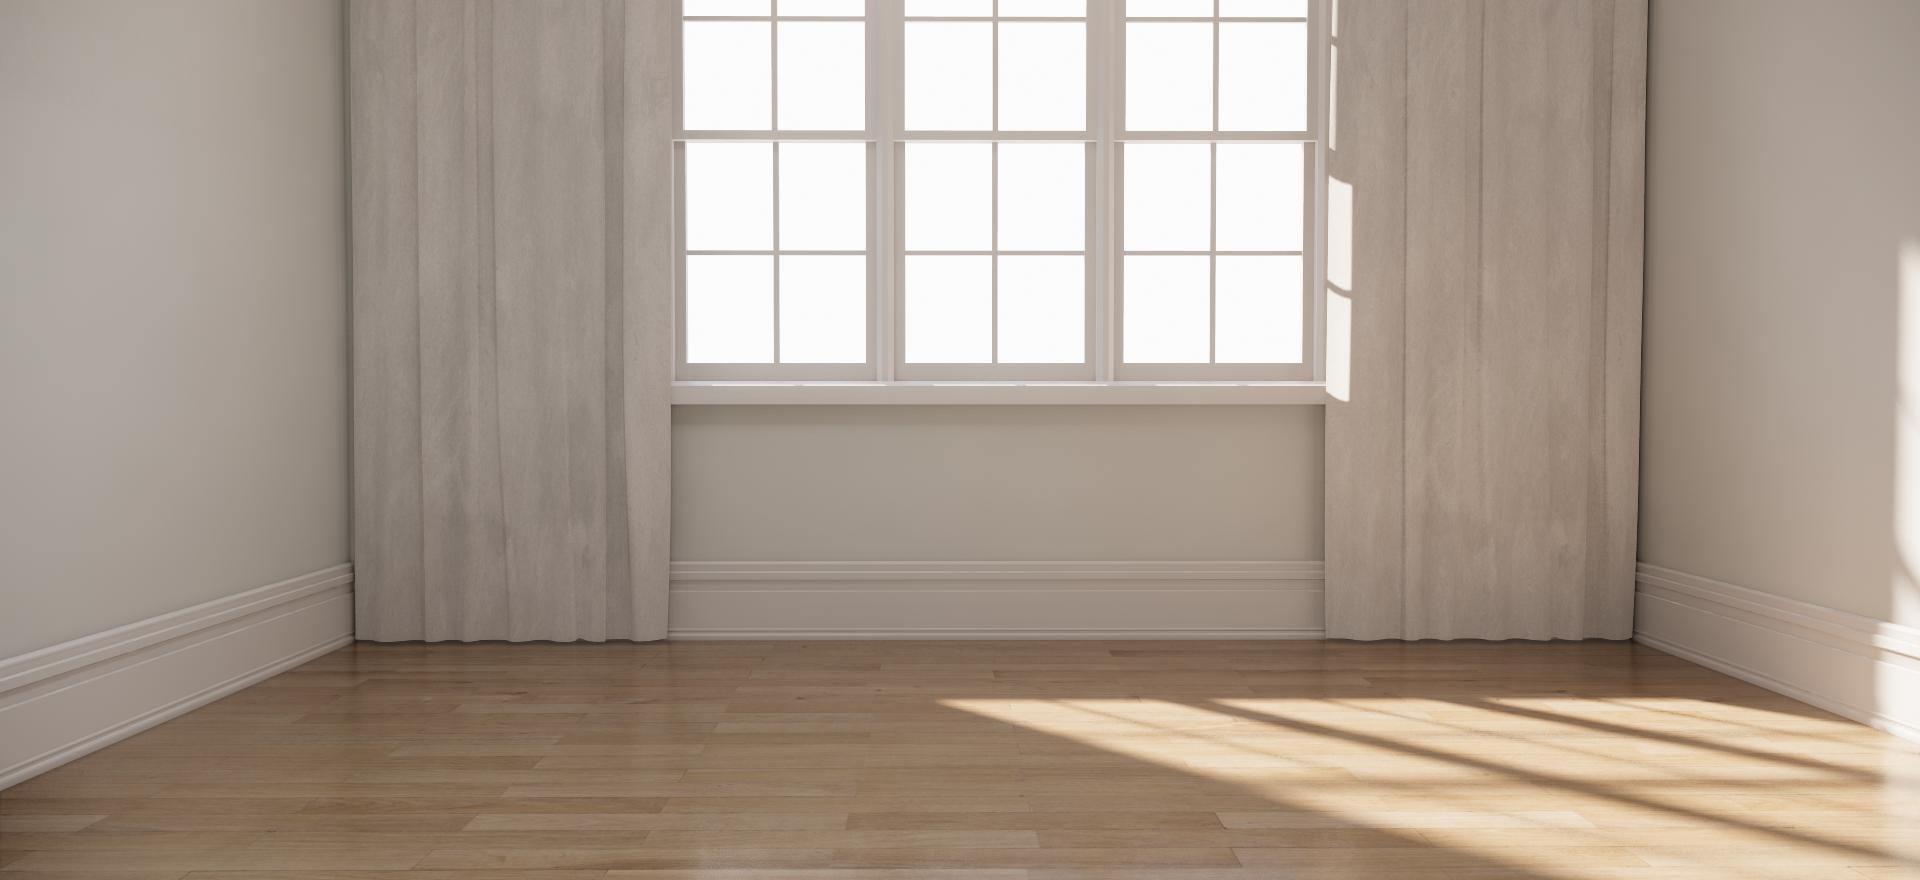 Wood Flooring 31.png